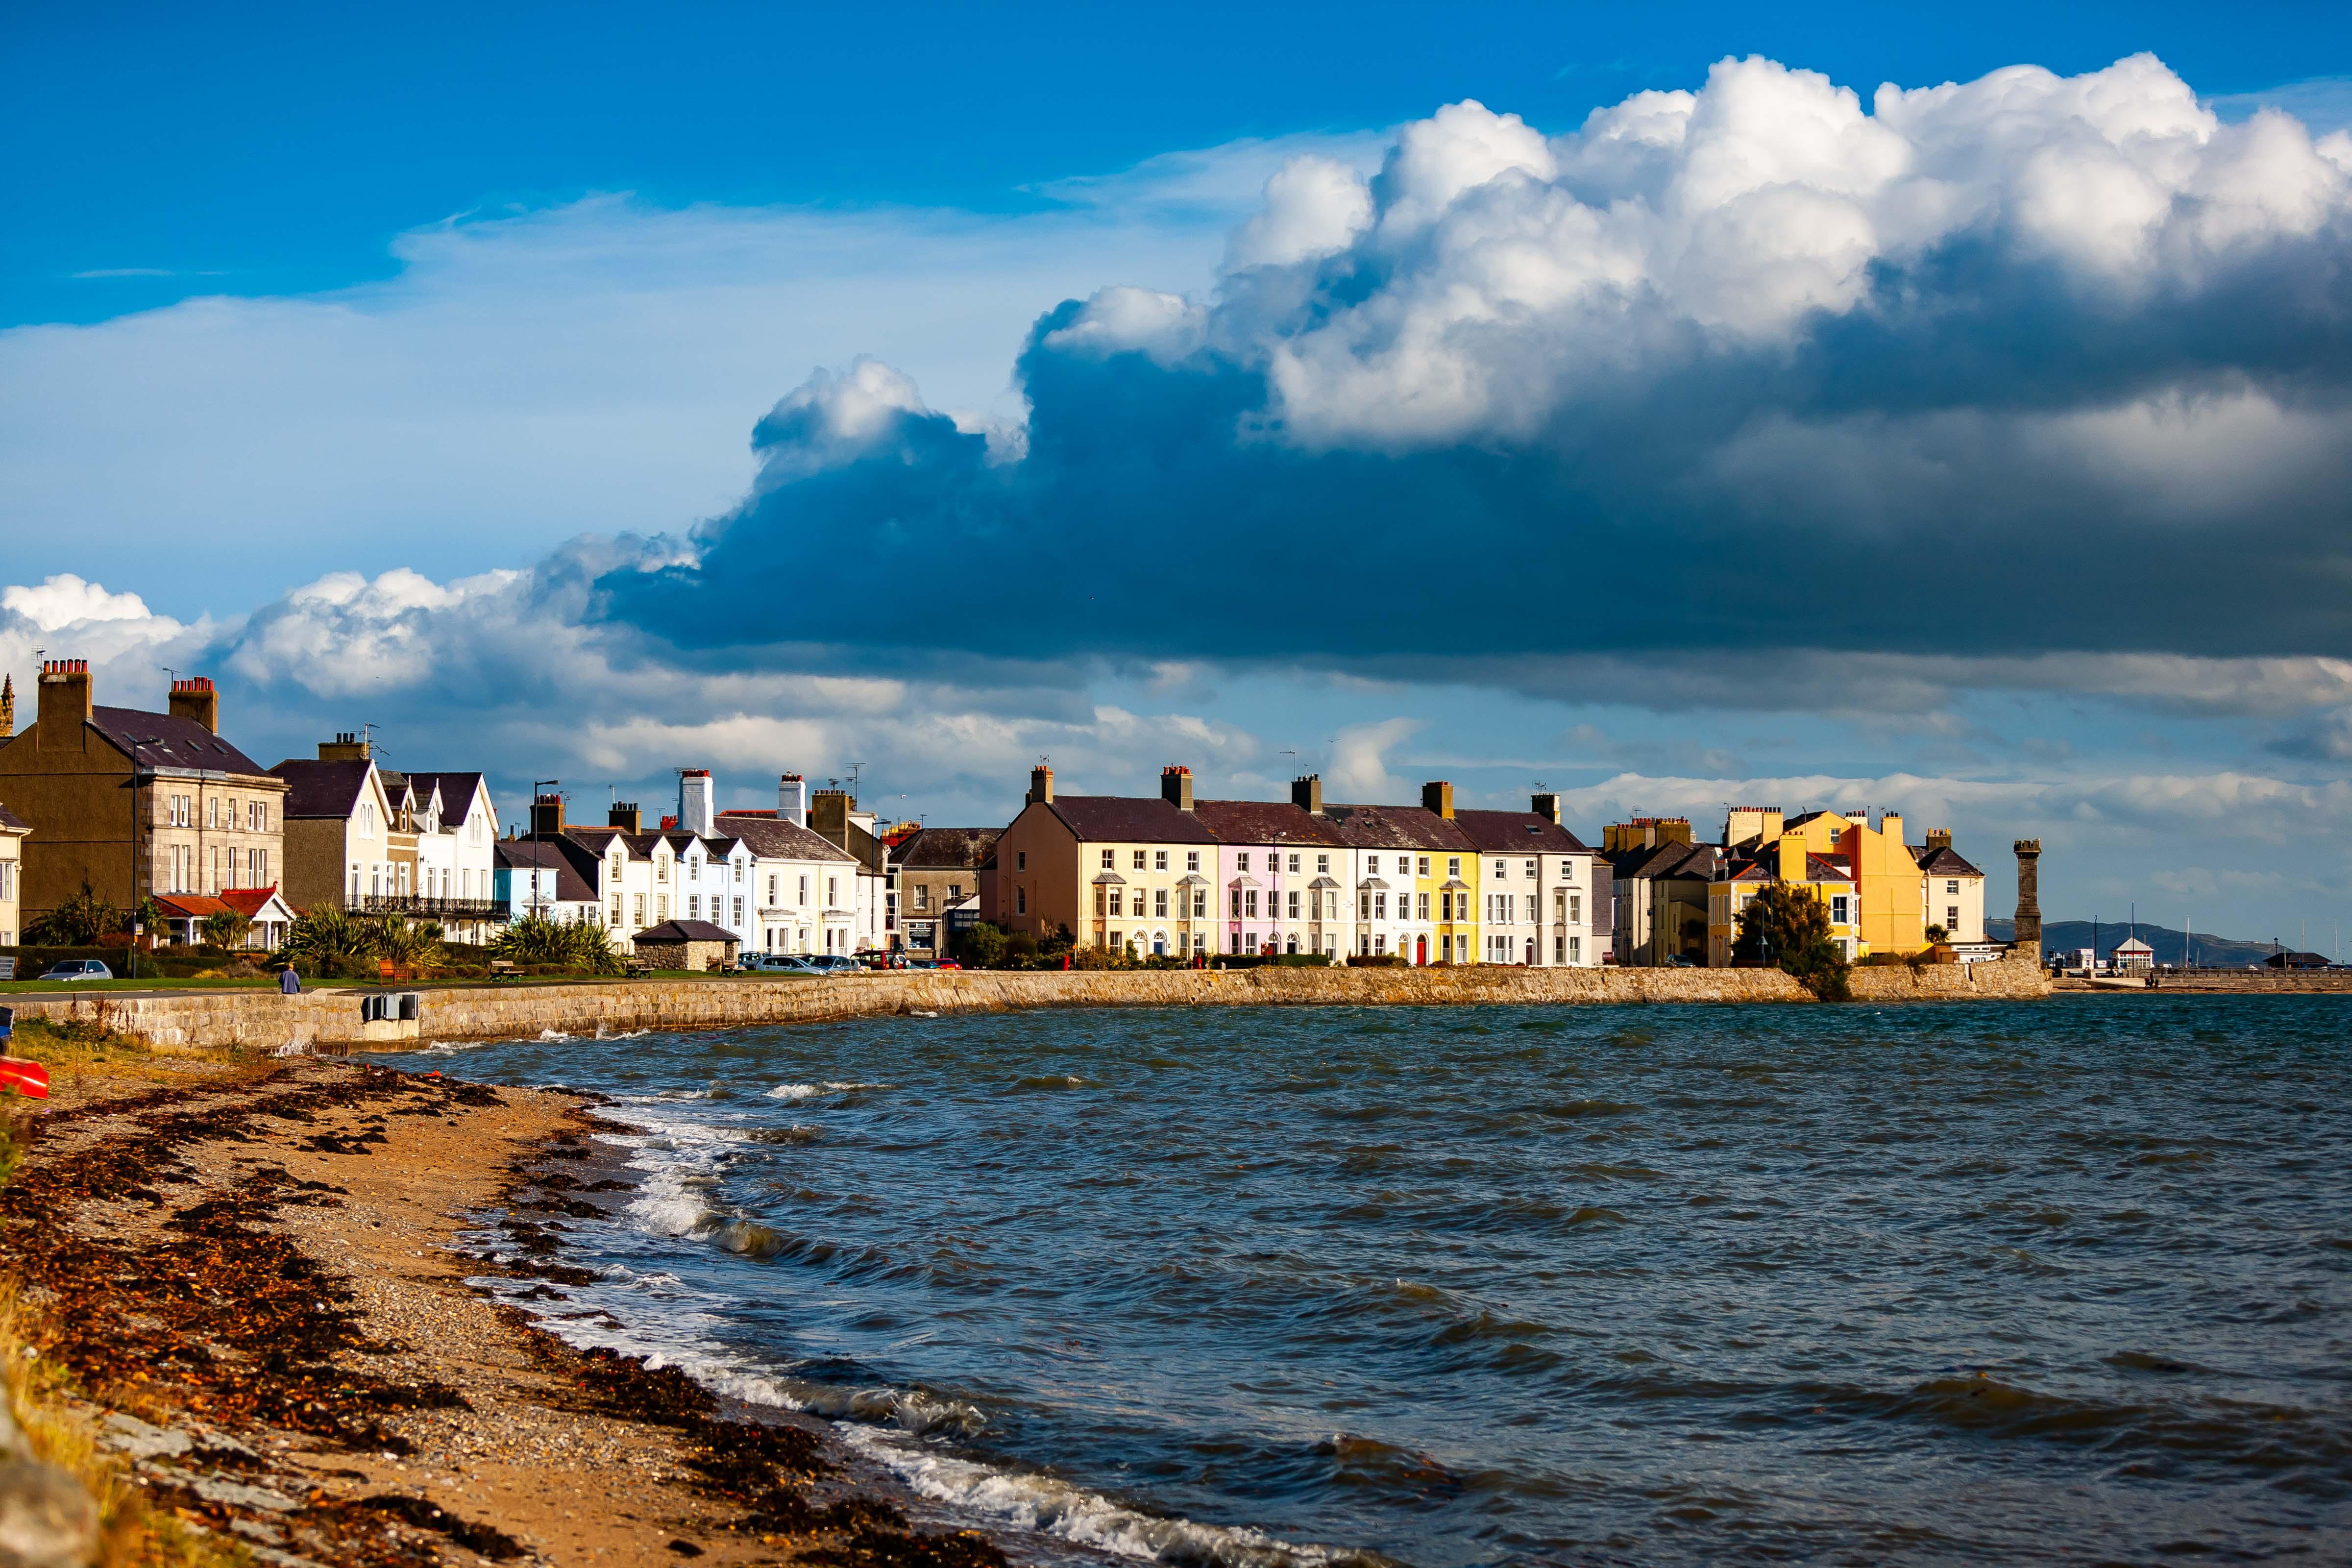 UK, Isle Of Anglesey Prov, Coastal Houses, 2009, IMG 5961